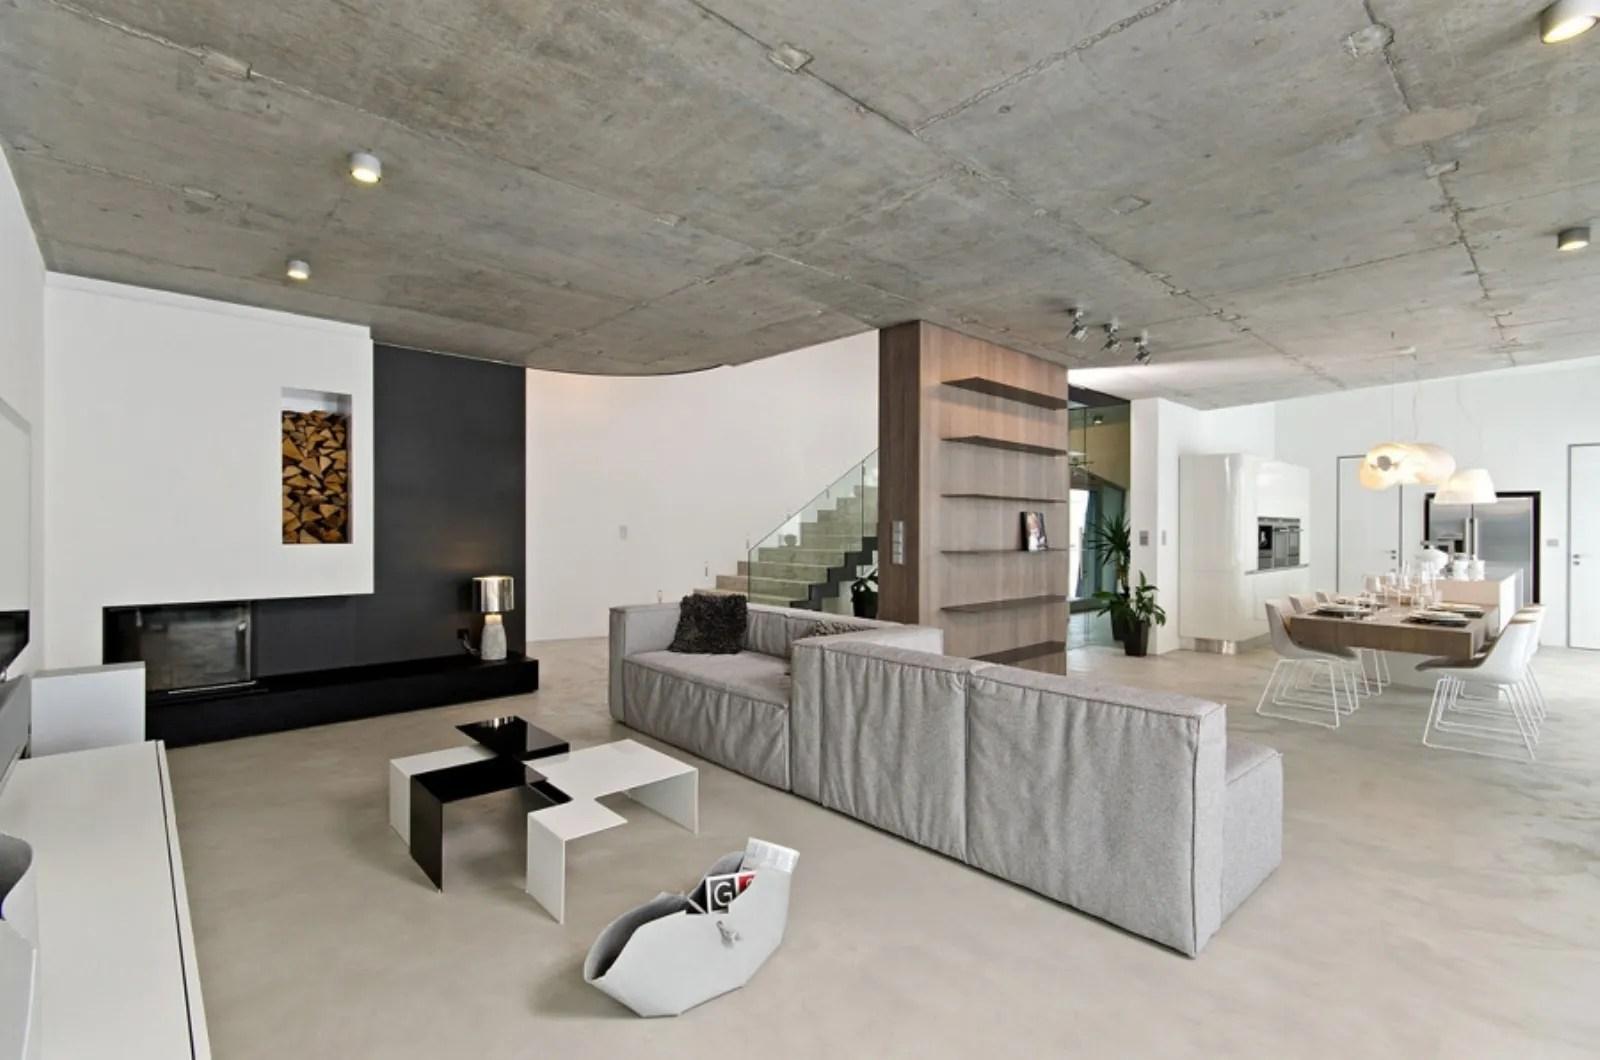 Gli spazi salotto e sala da pranzo sono gli ambienti più utilizzati da chi vive la casa.per questo motivo è bene che rispondano a criteri di funzionalità e comodità con spazi ampi e luminosi, caratterizzati da tutto il necessario per vivere la. Open Space